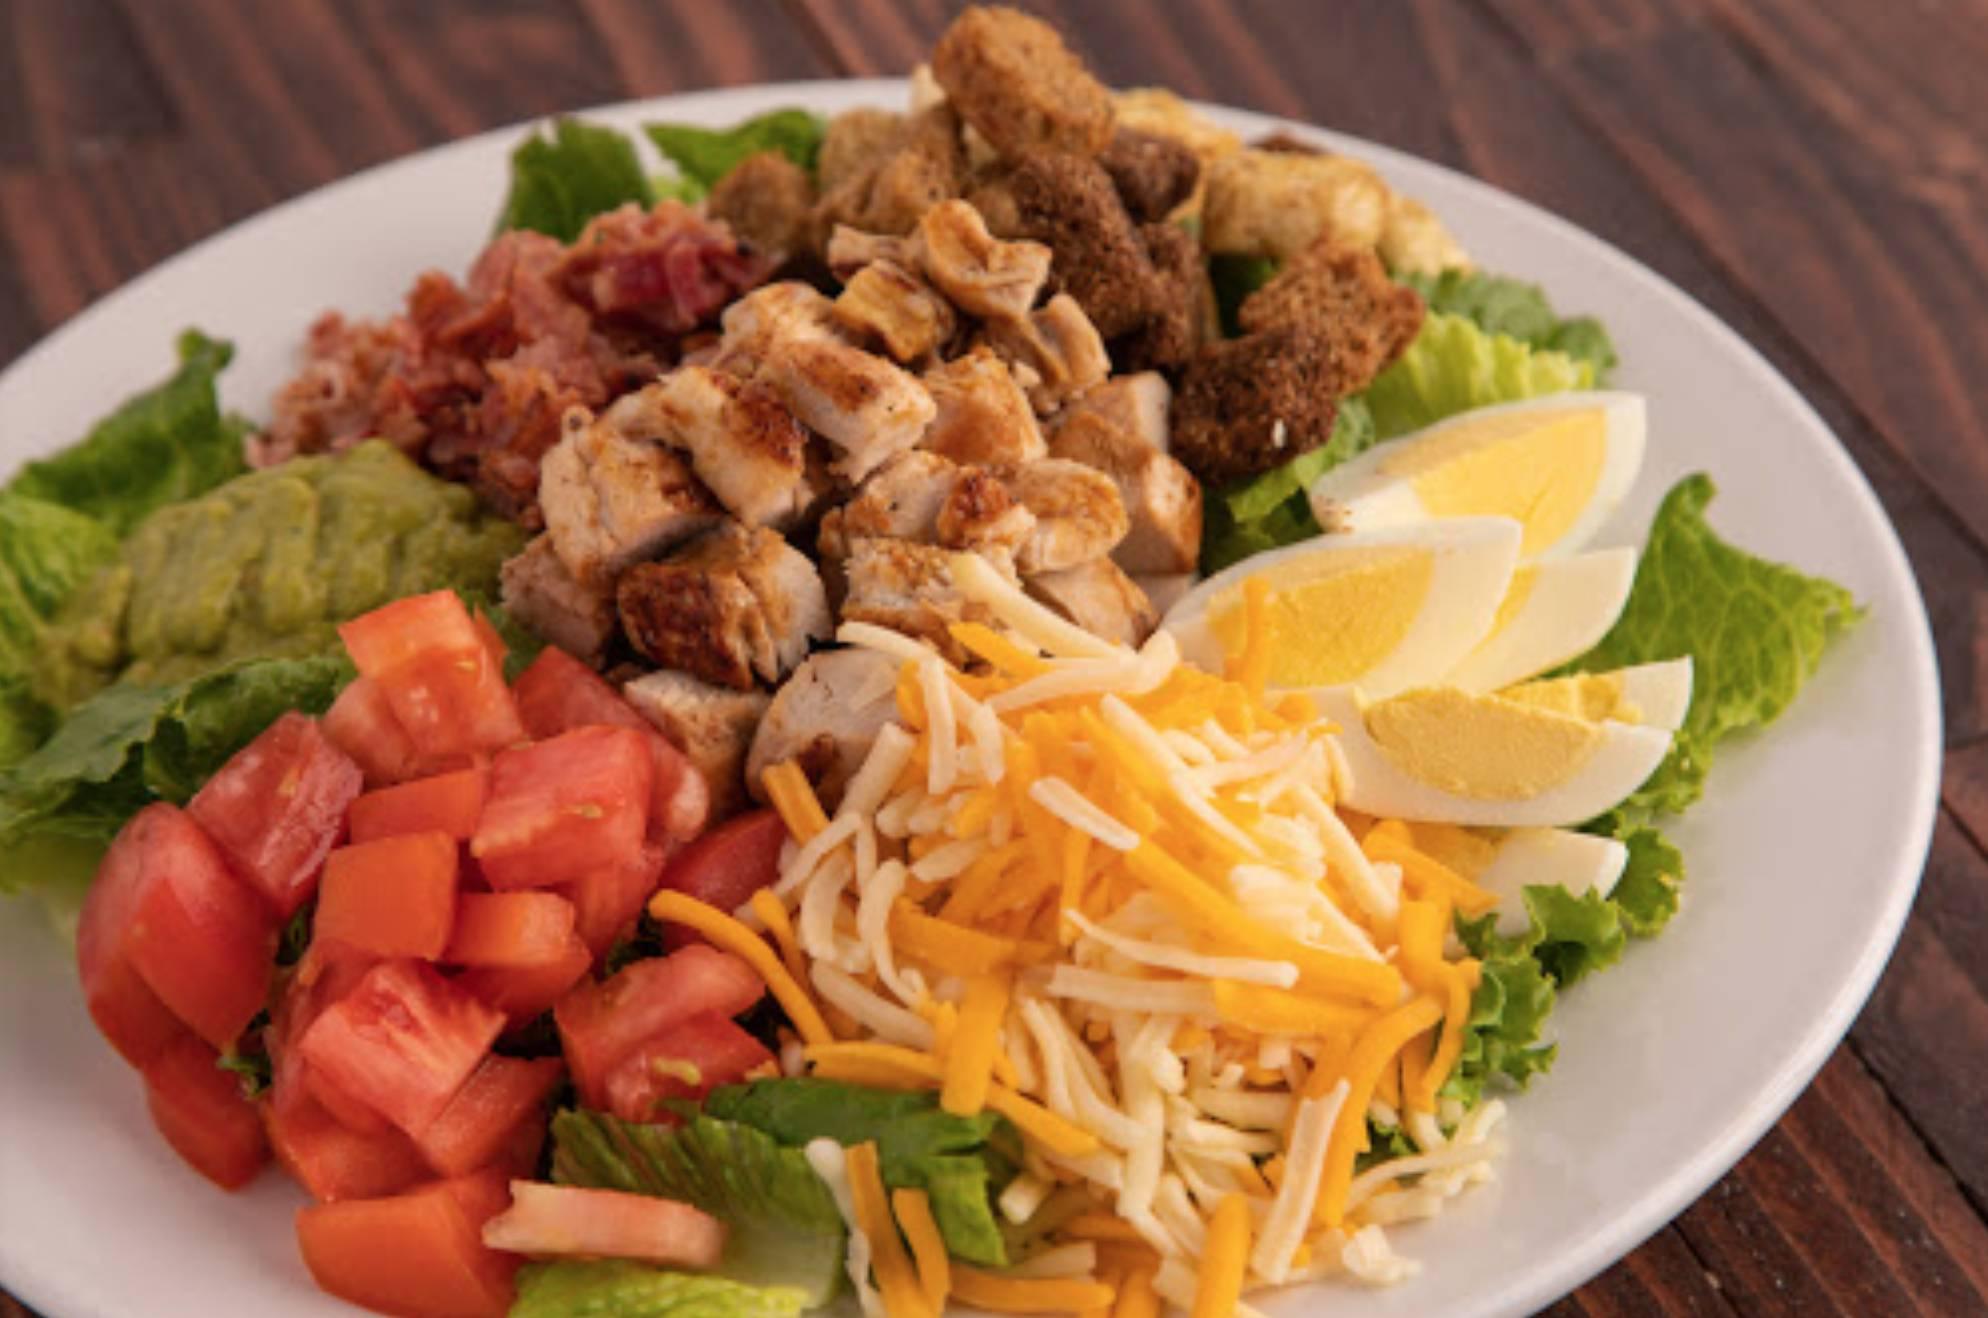 Drink Specials & Salad Friday